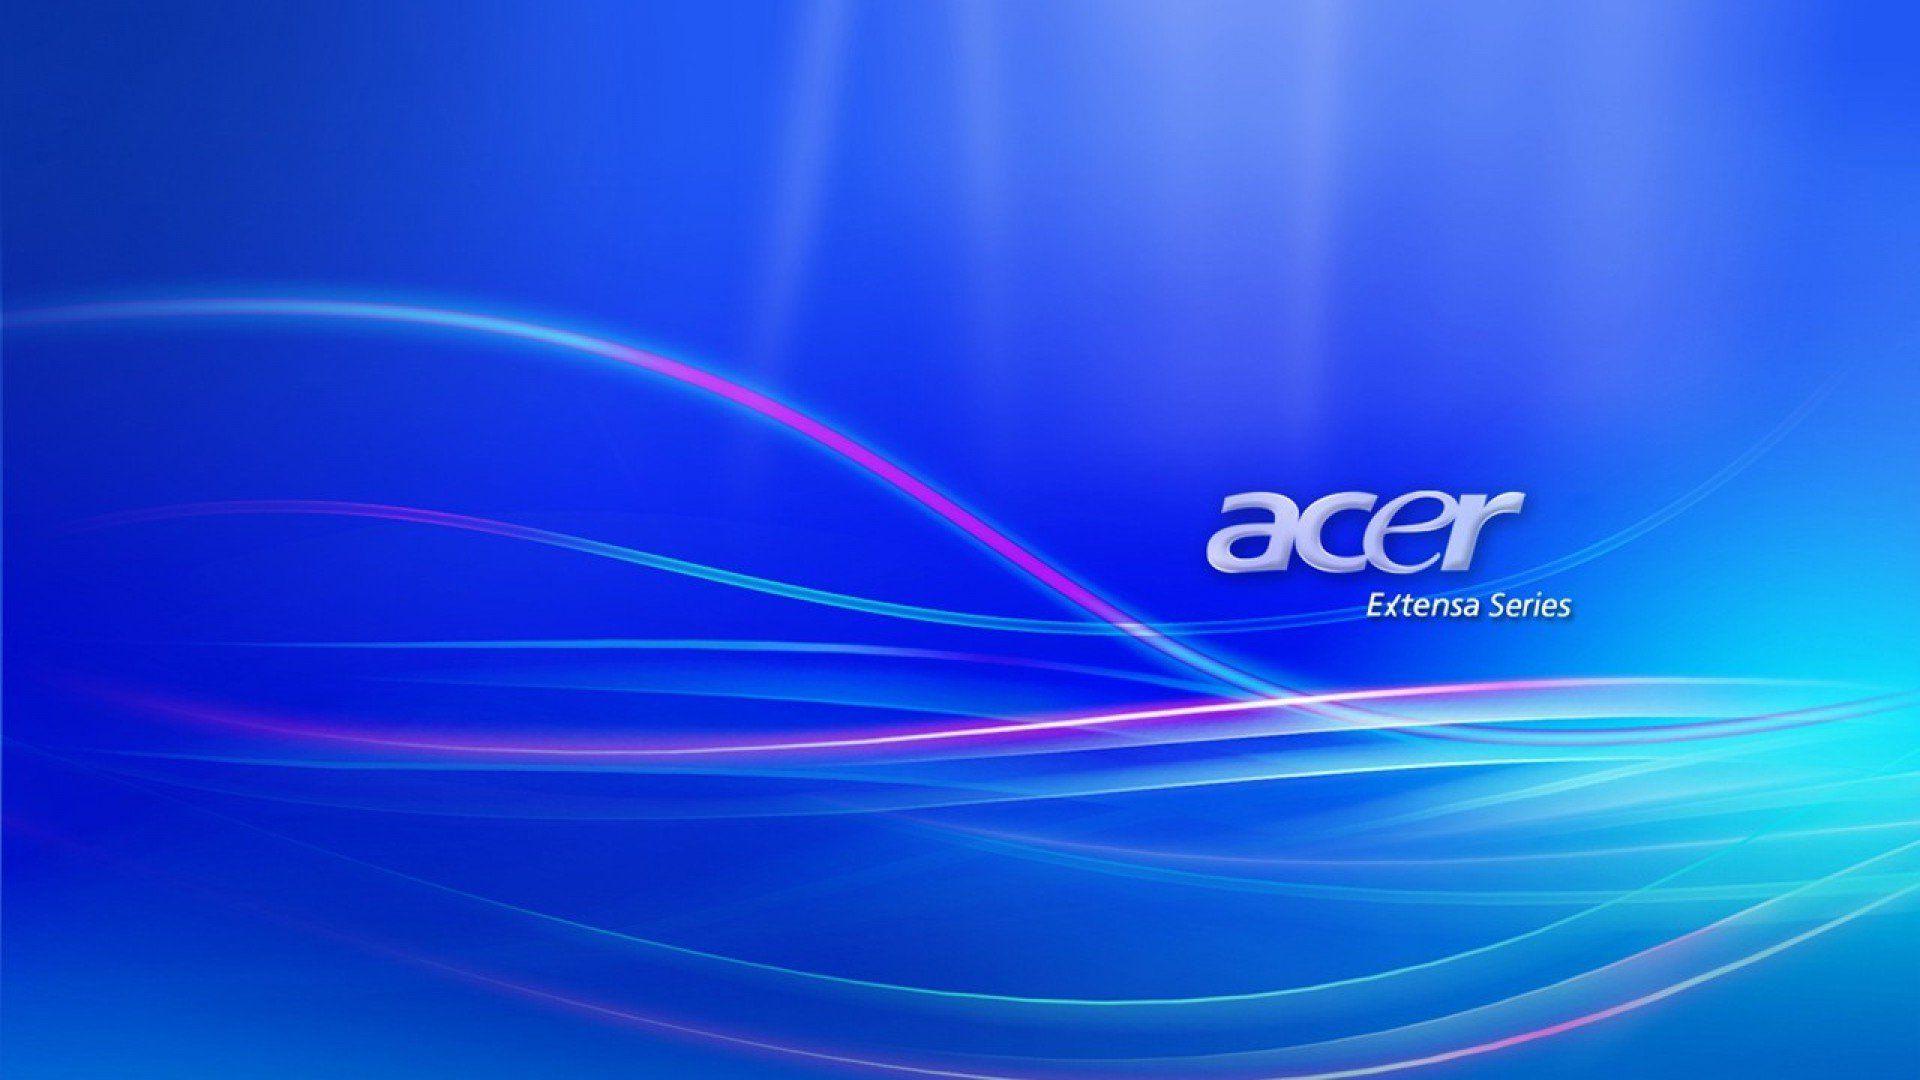 Brand Acer Wallpaper